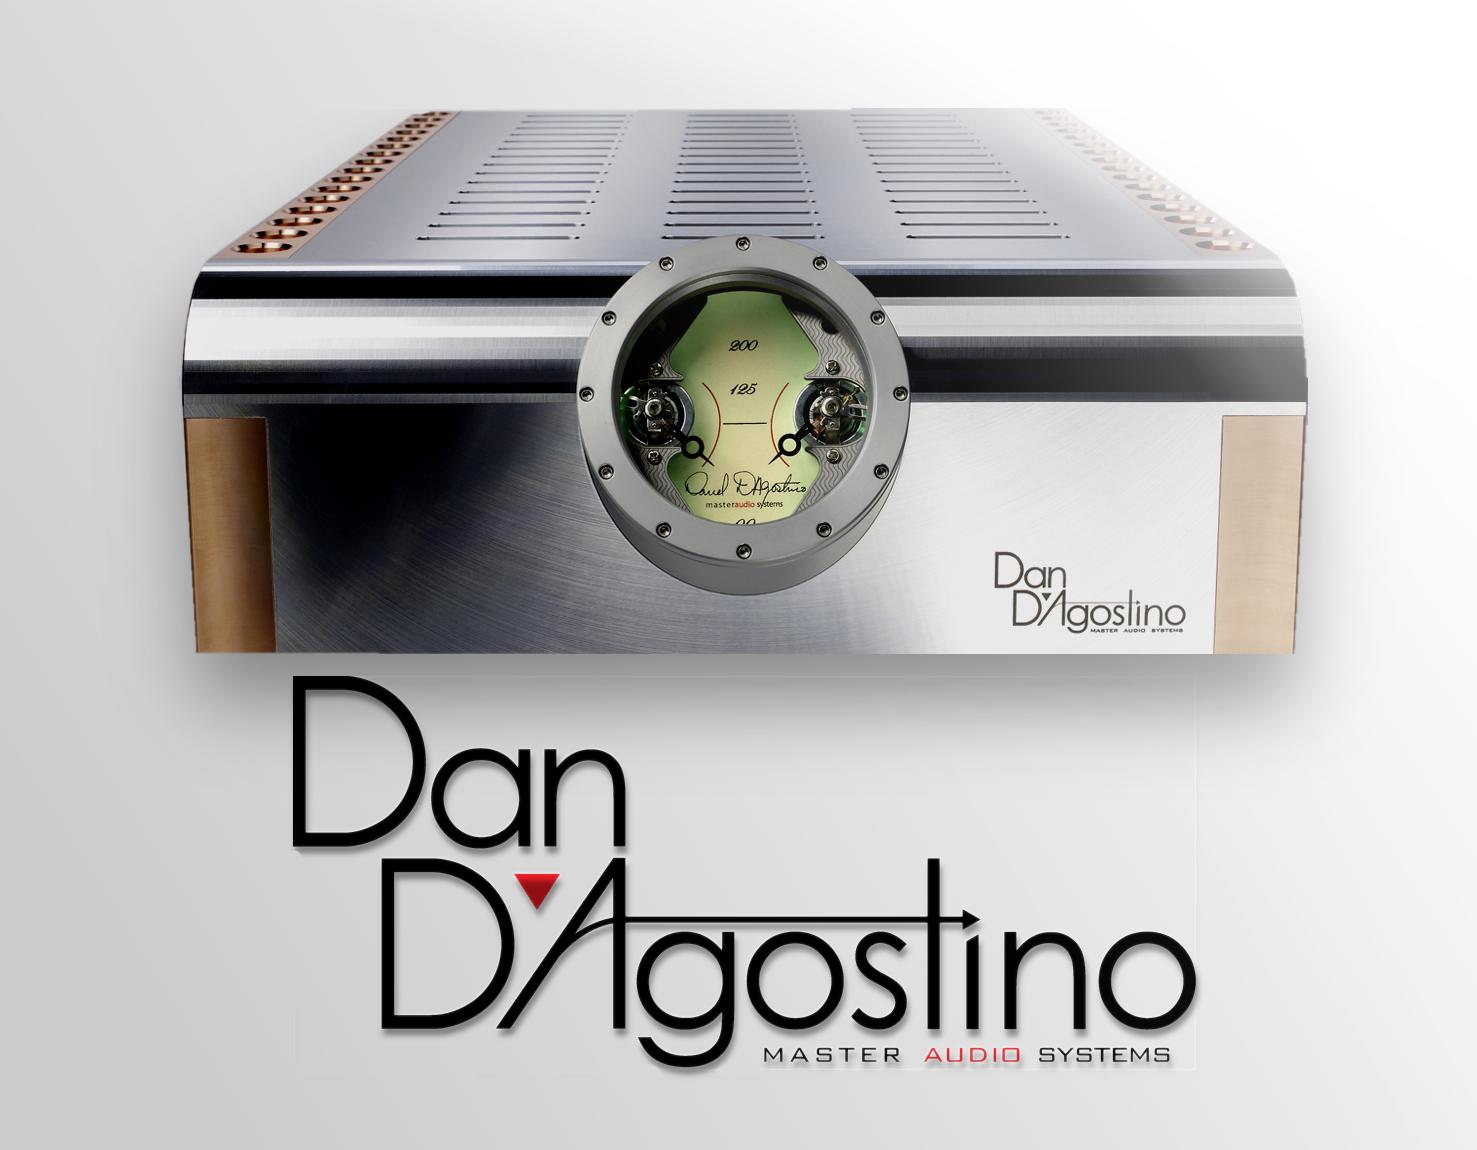 Dan D'agostinoのアンプ